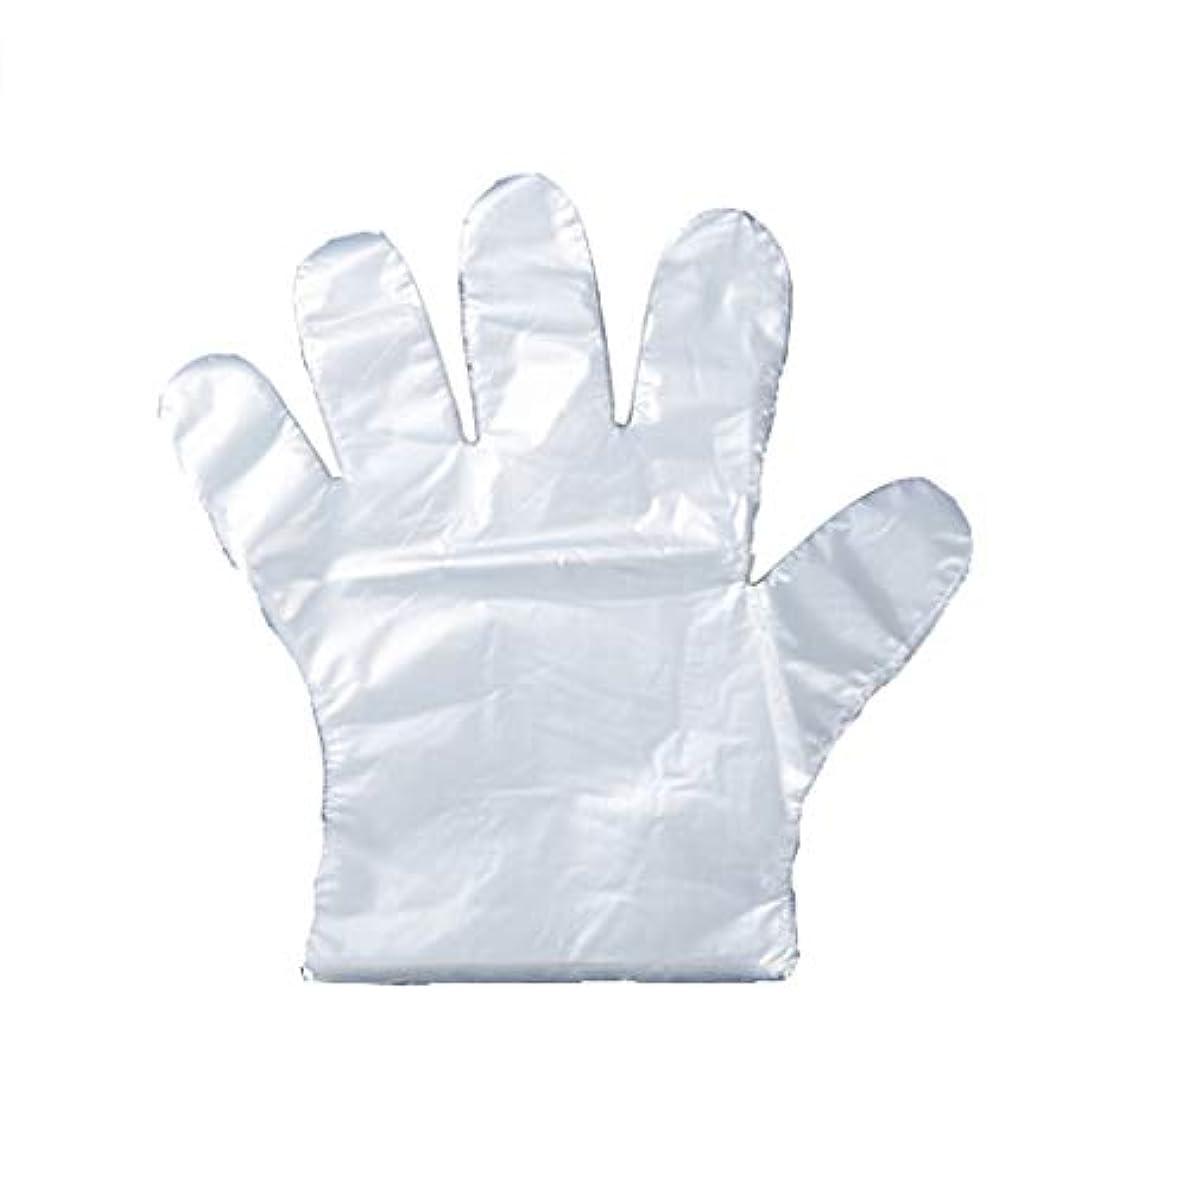 月告白ホイール手袋の使い捨て手袋のフィルム家庭用キッチンの食品は、透明PEプラスチック手袋100パッケージを厚くした (UnitCount : 200)